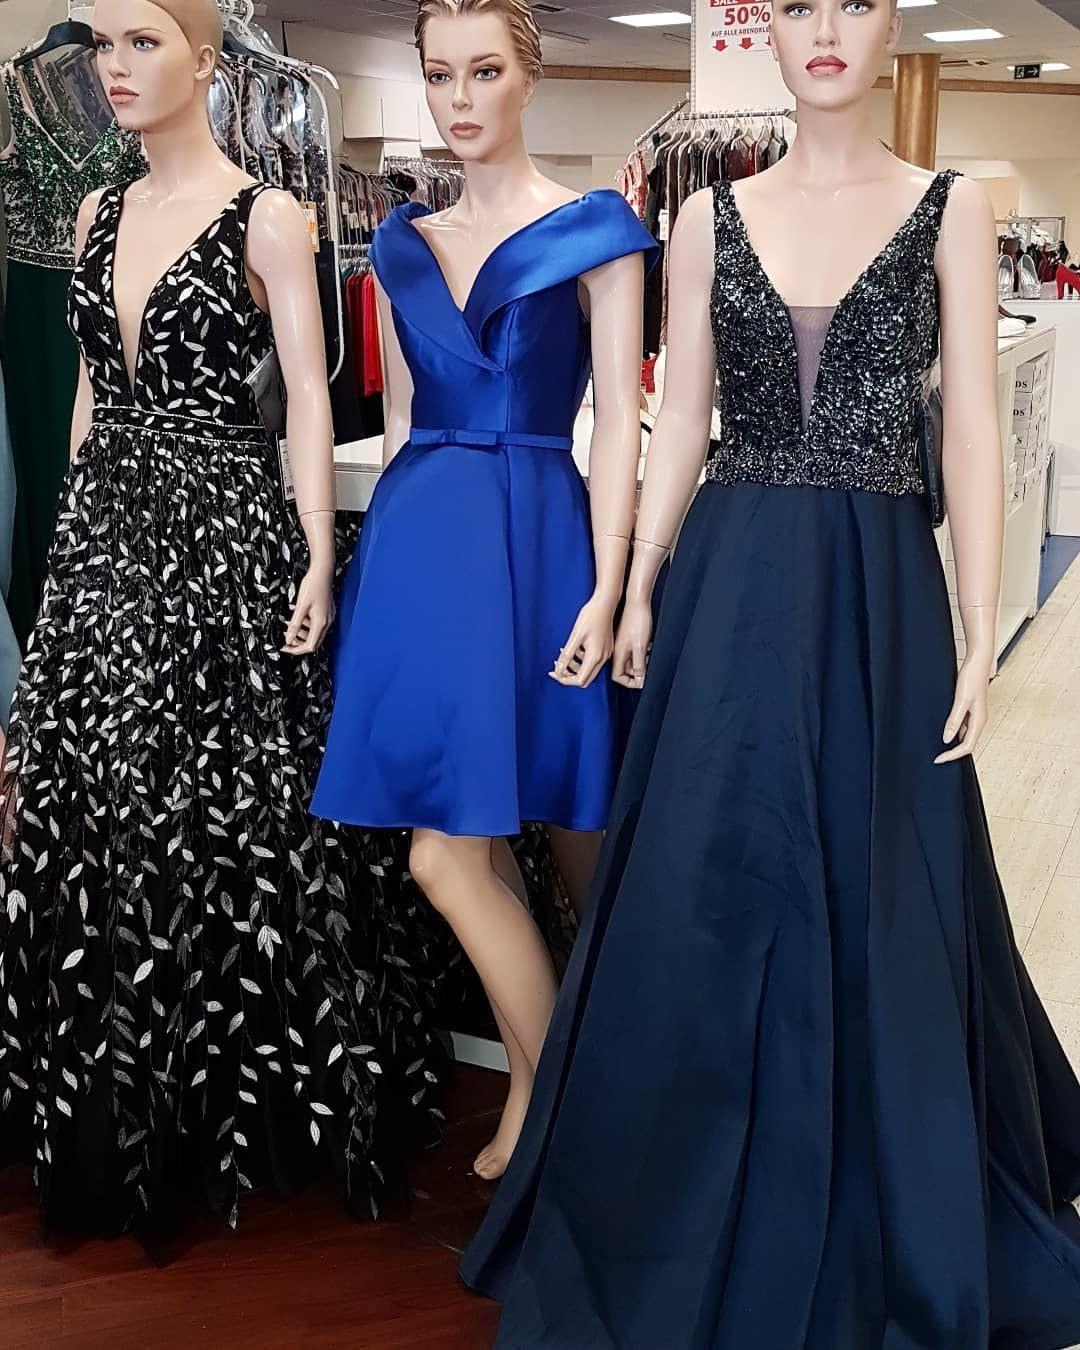 11 Erstaunlich Abendkleider In Duisburg Vertrieb - Abendkleid